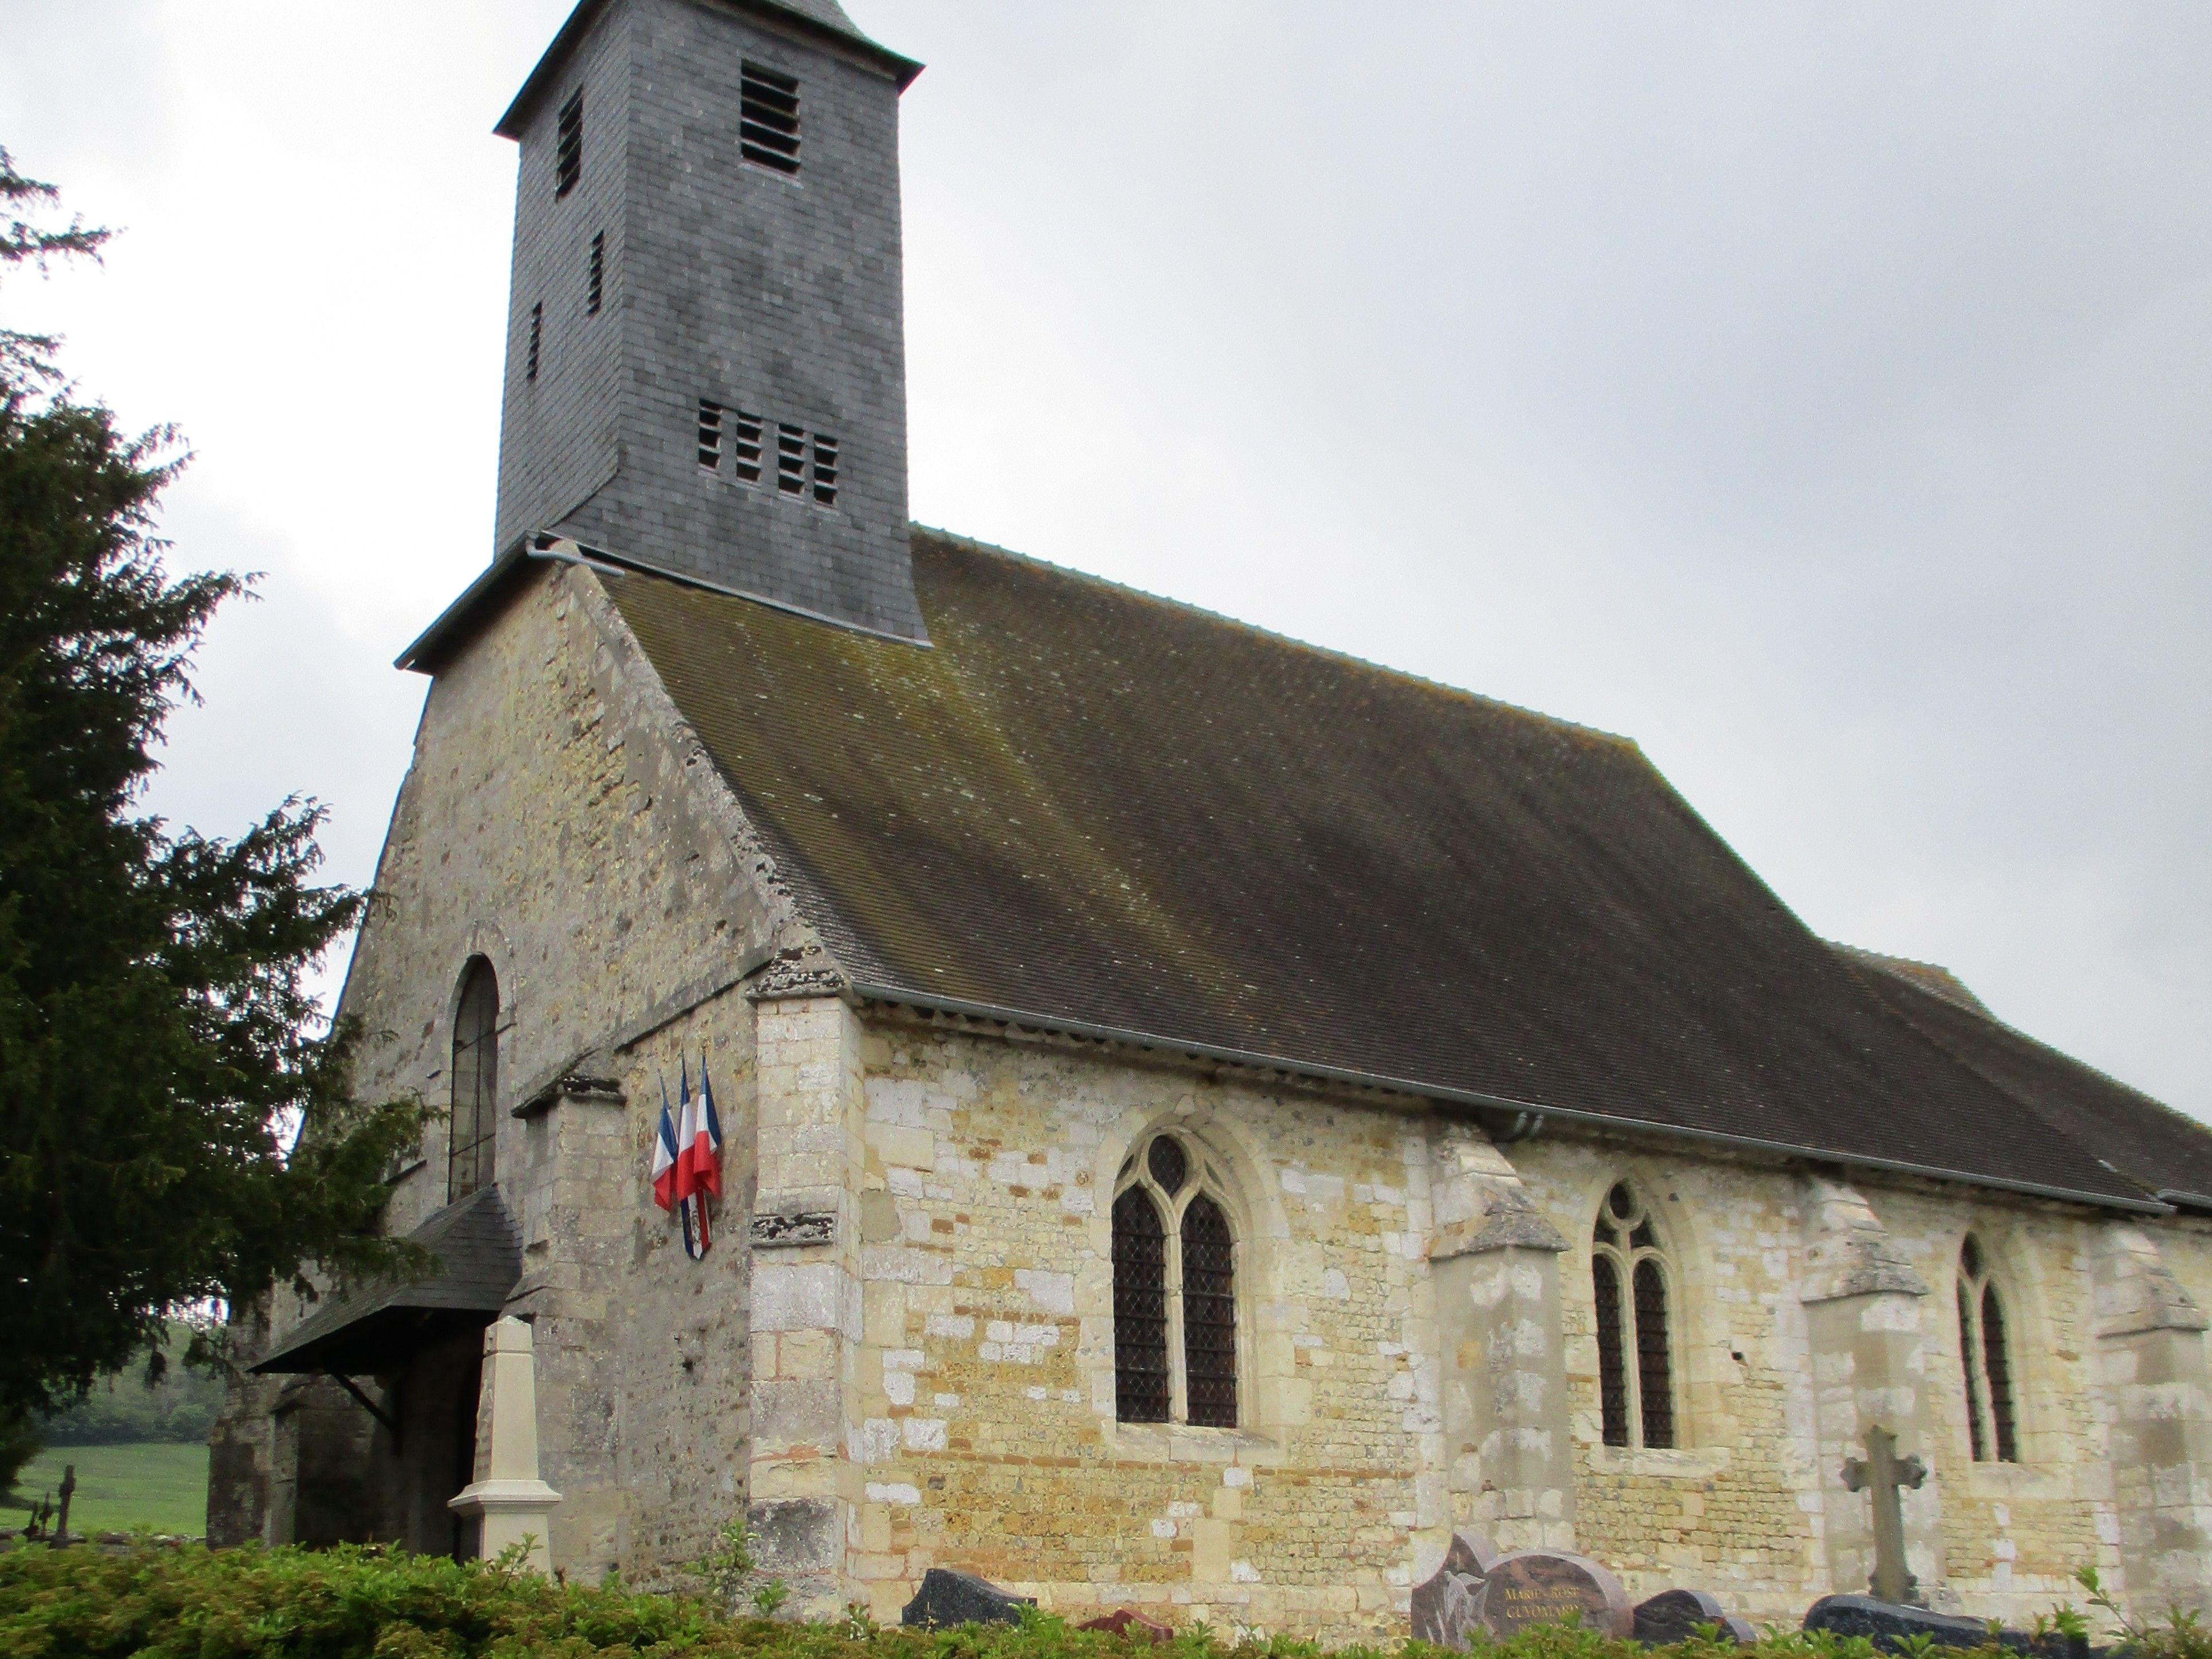 L'église Saint-Martin de Surville